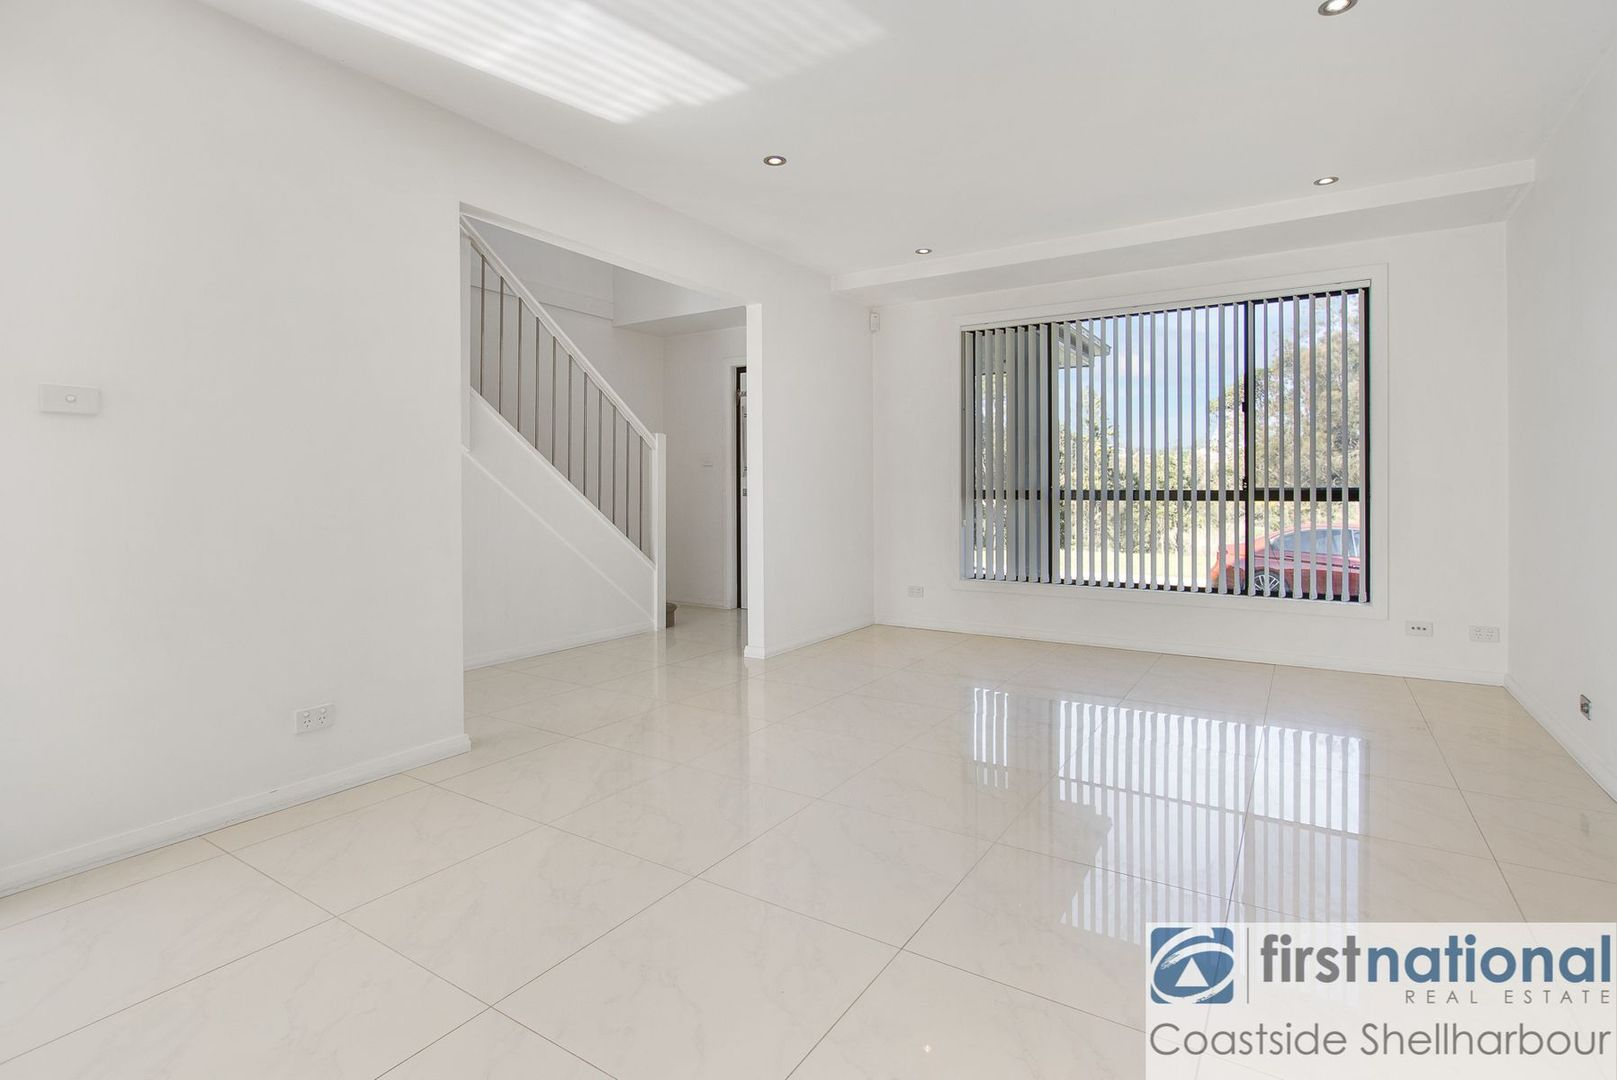 17 Woodburn Terrace, Flinders NSW 2529, Image 1